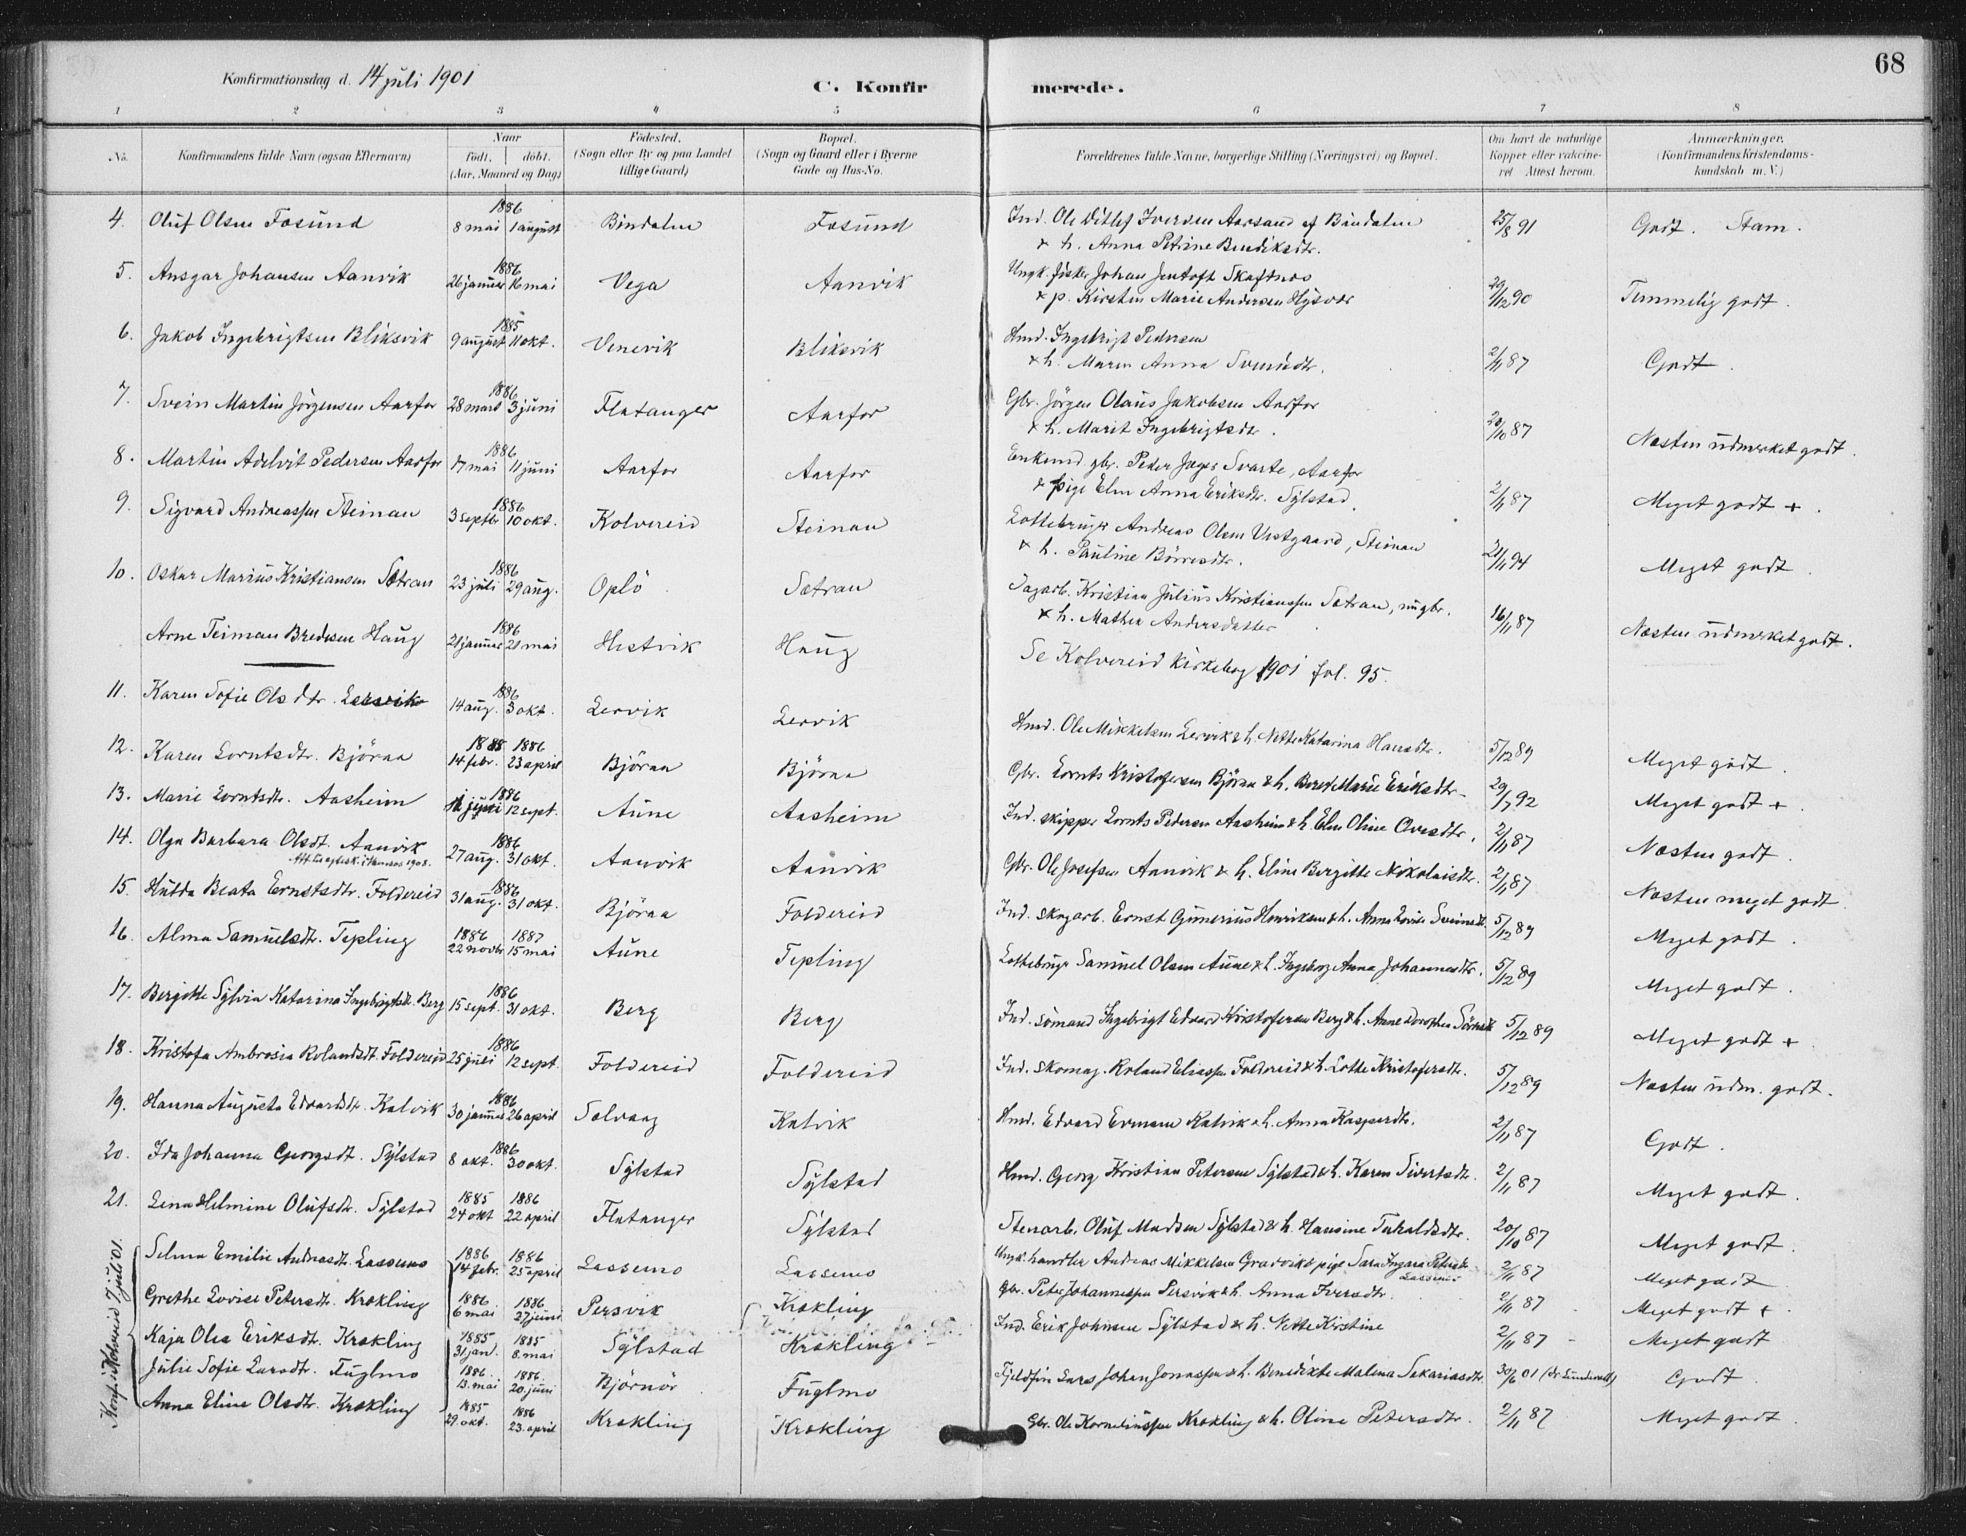 SAT, Ministerialprotokoller, klokkerbøker og fødselsregistre - Nord-Trøndelag, 783/L0660: Ministerialbok nr. 783A02, 1886-1918, s. 68